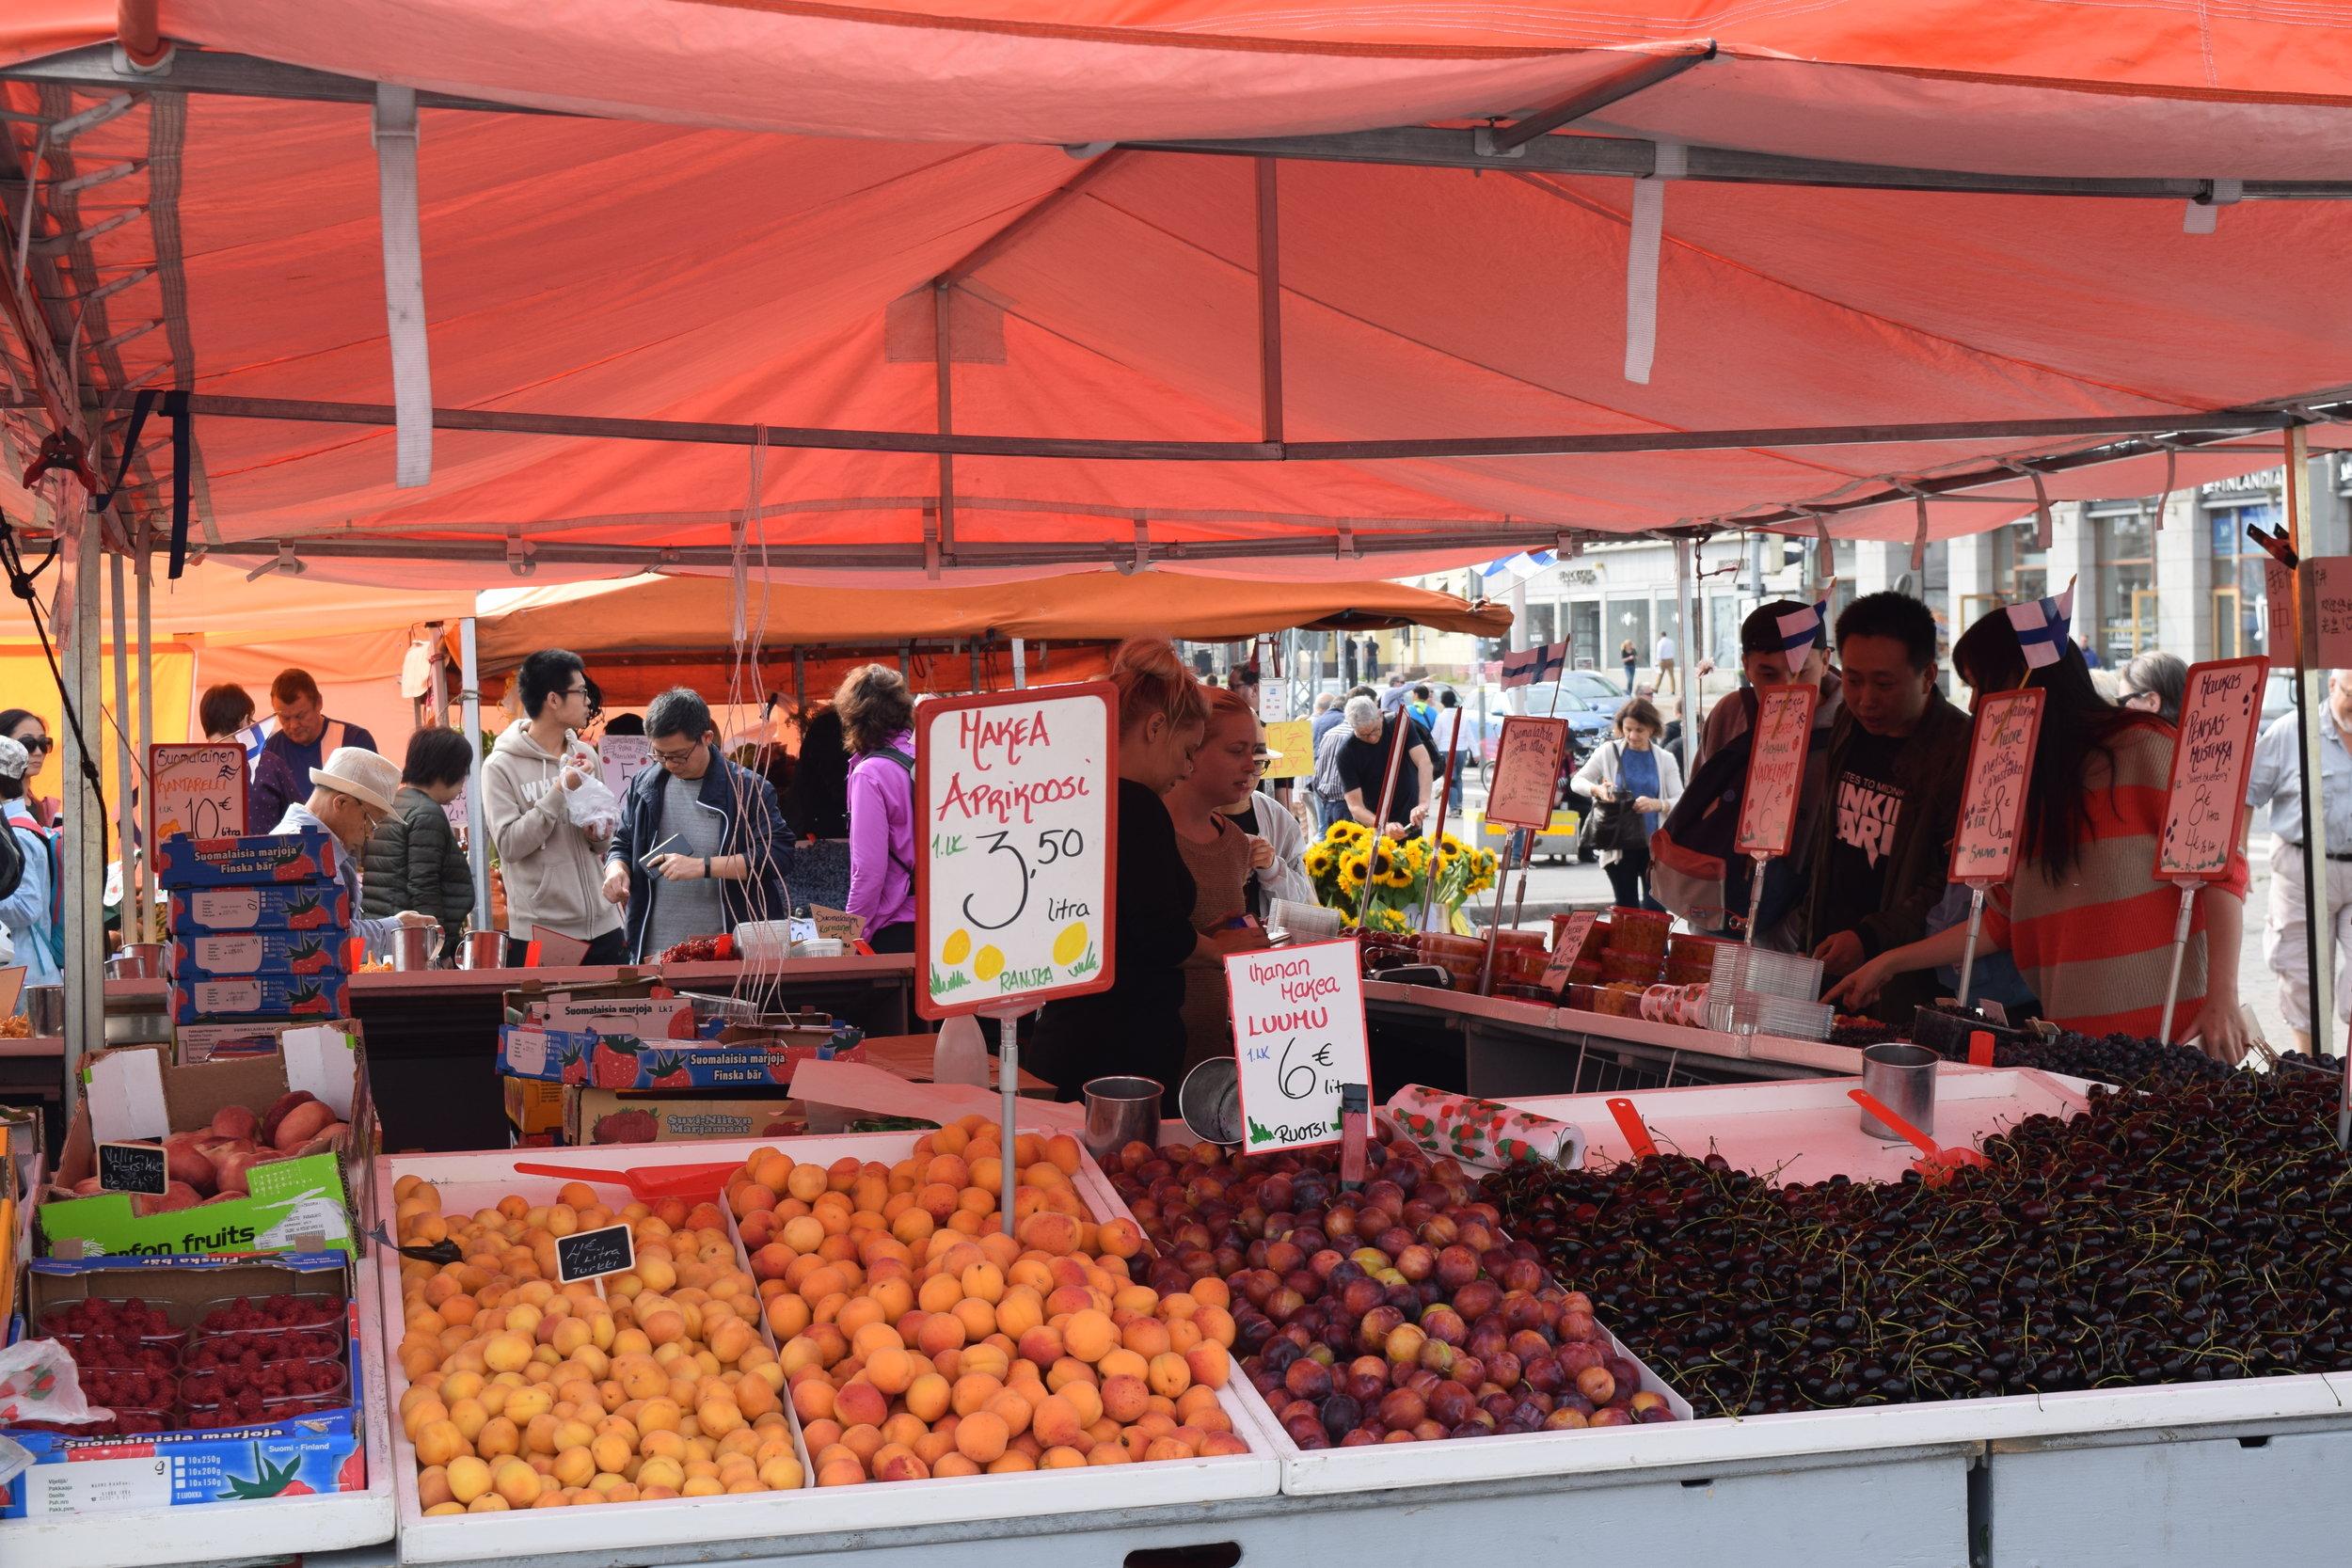 Puestos de fruta